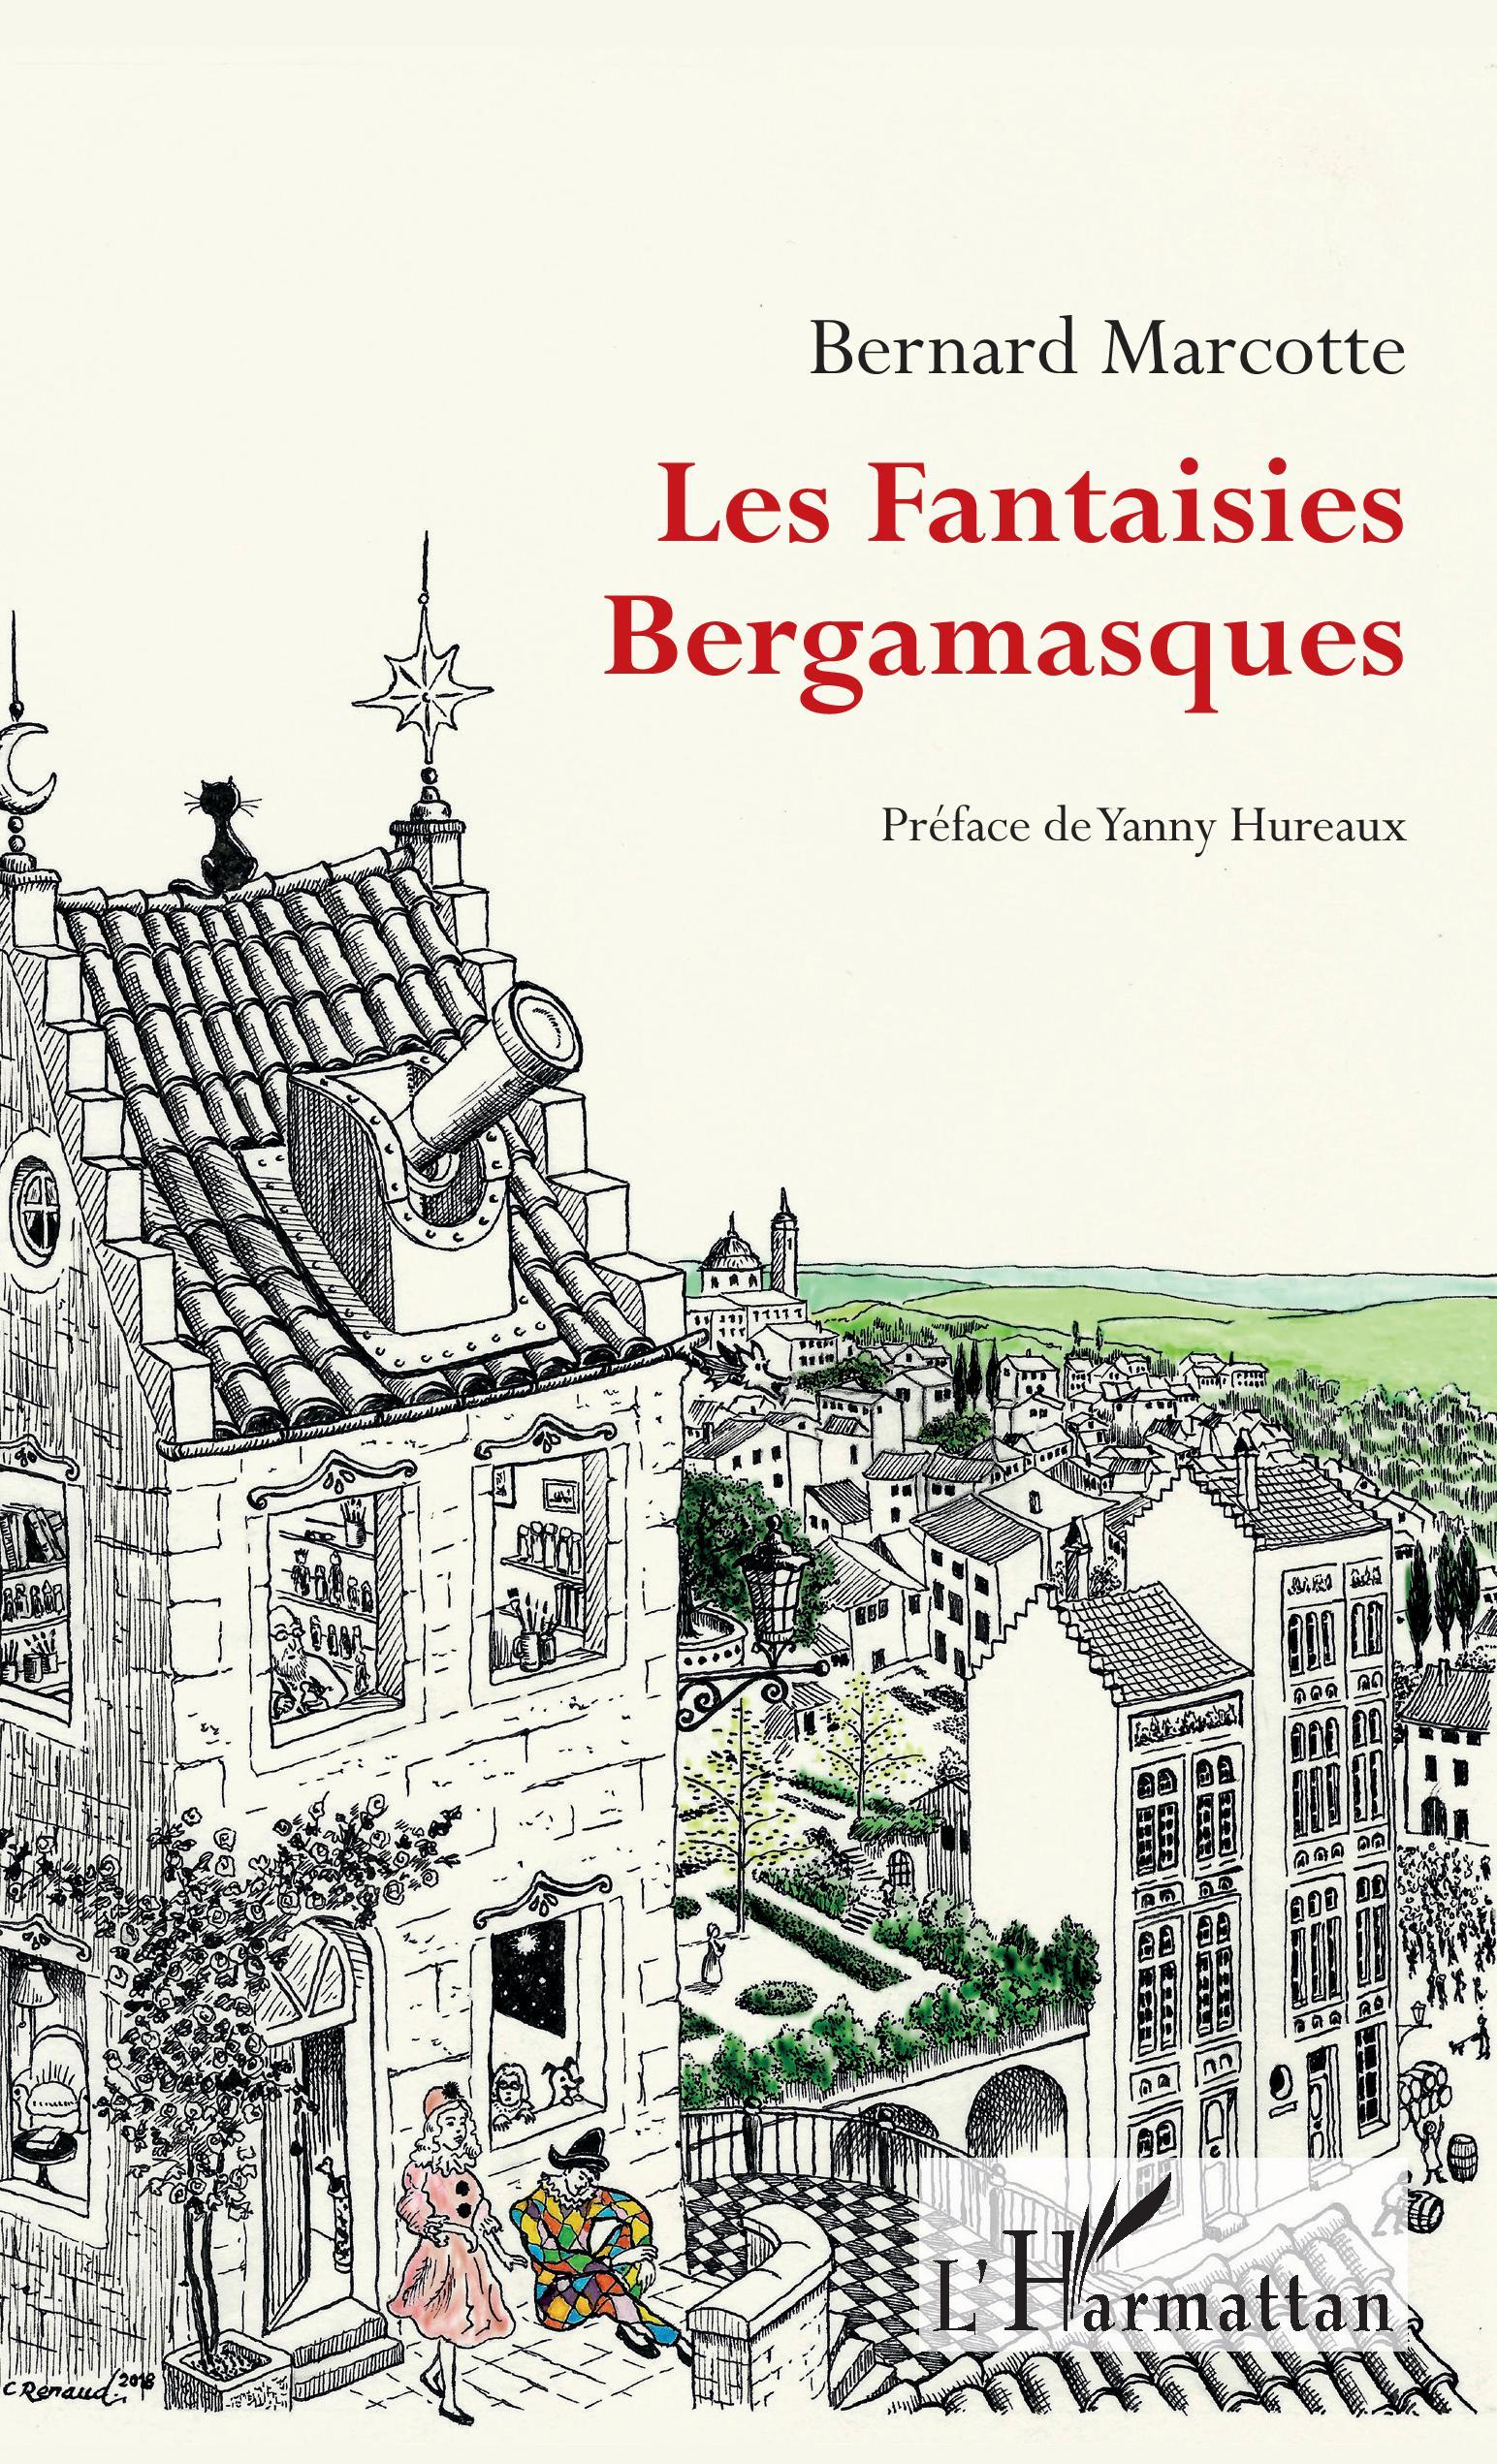 B. Marcotte, Les Fantaisies Bergamasques